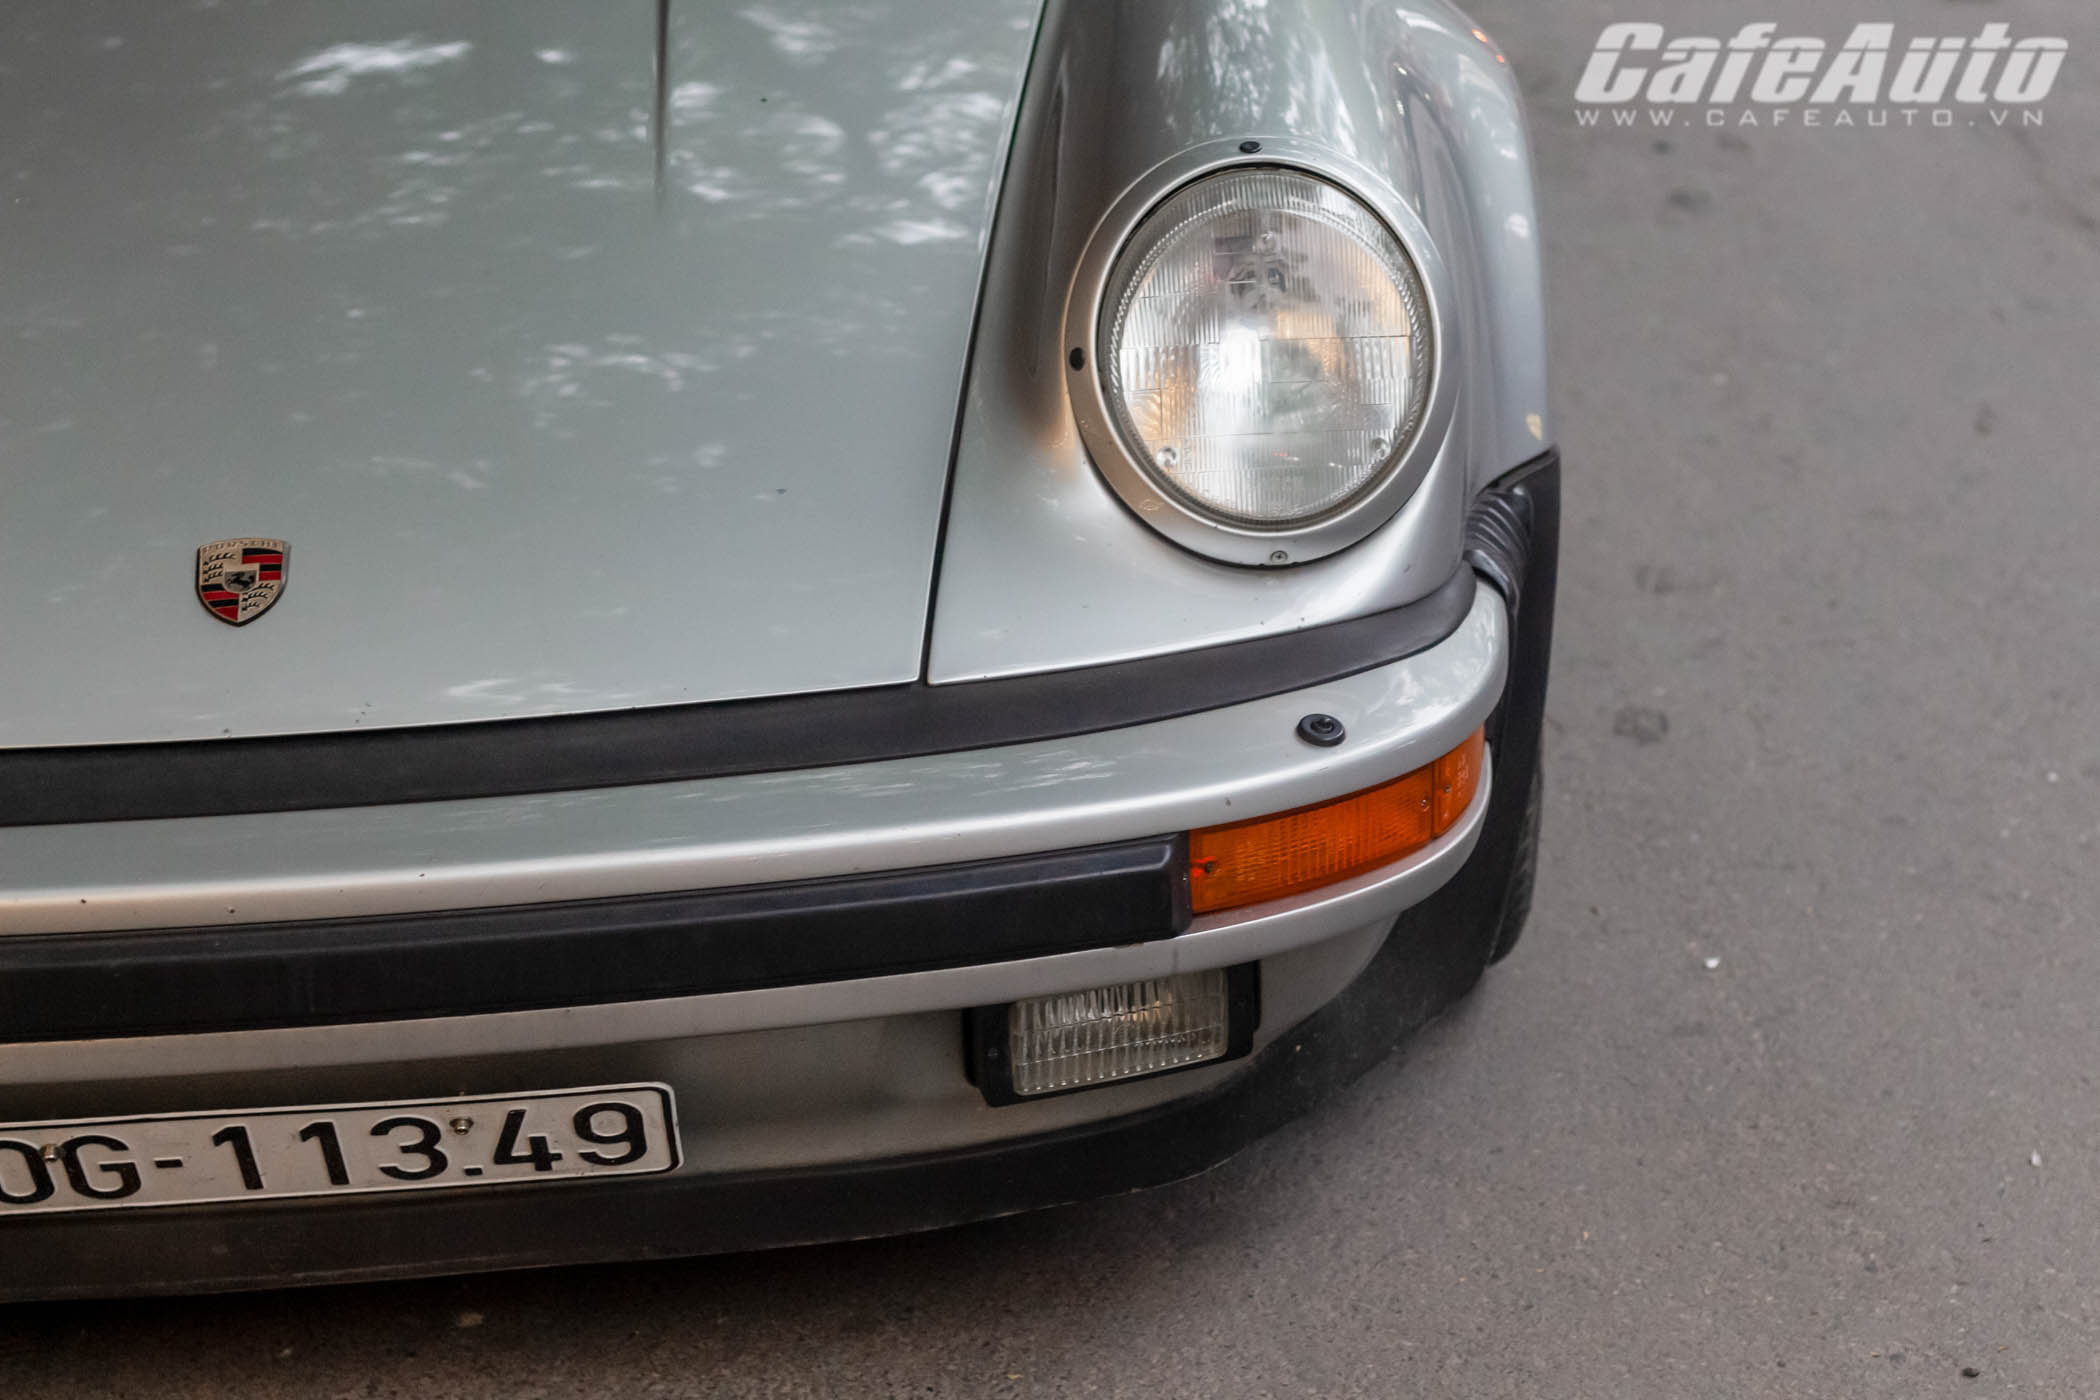 930turboco-cafeautovn-13